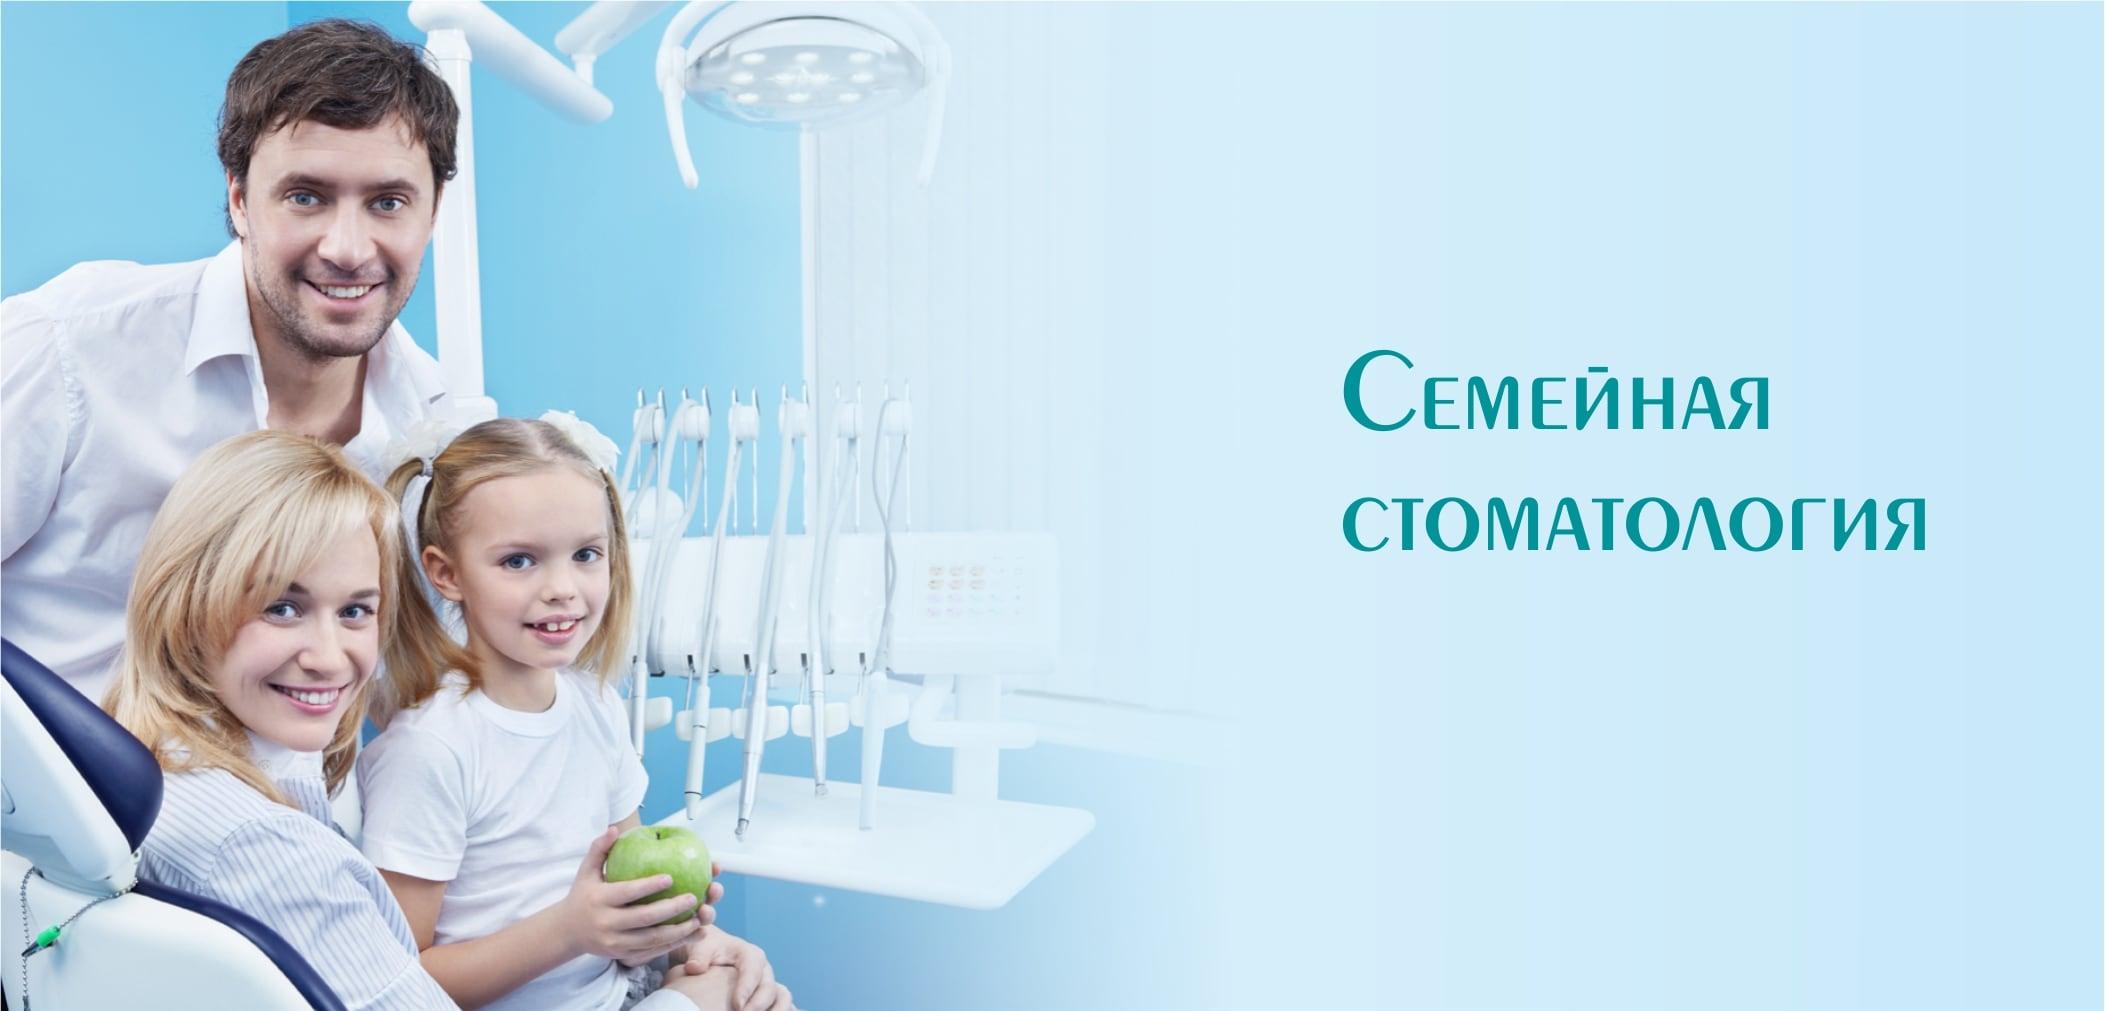 Стоматология семейная_01